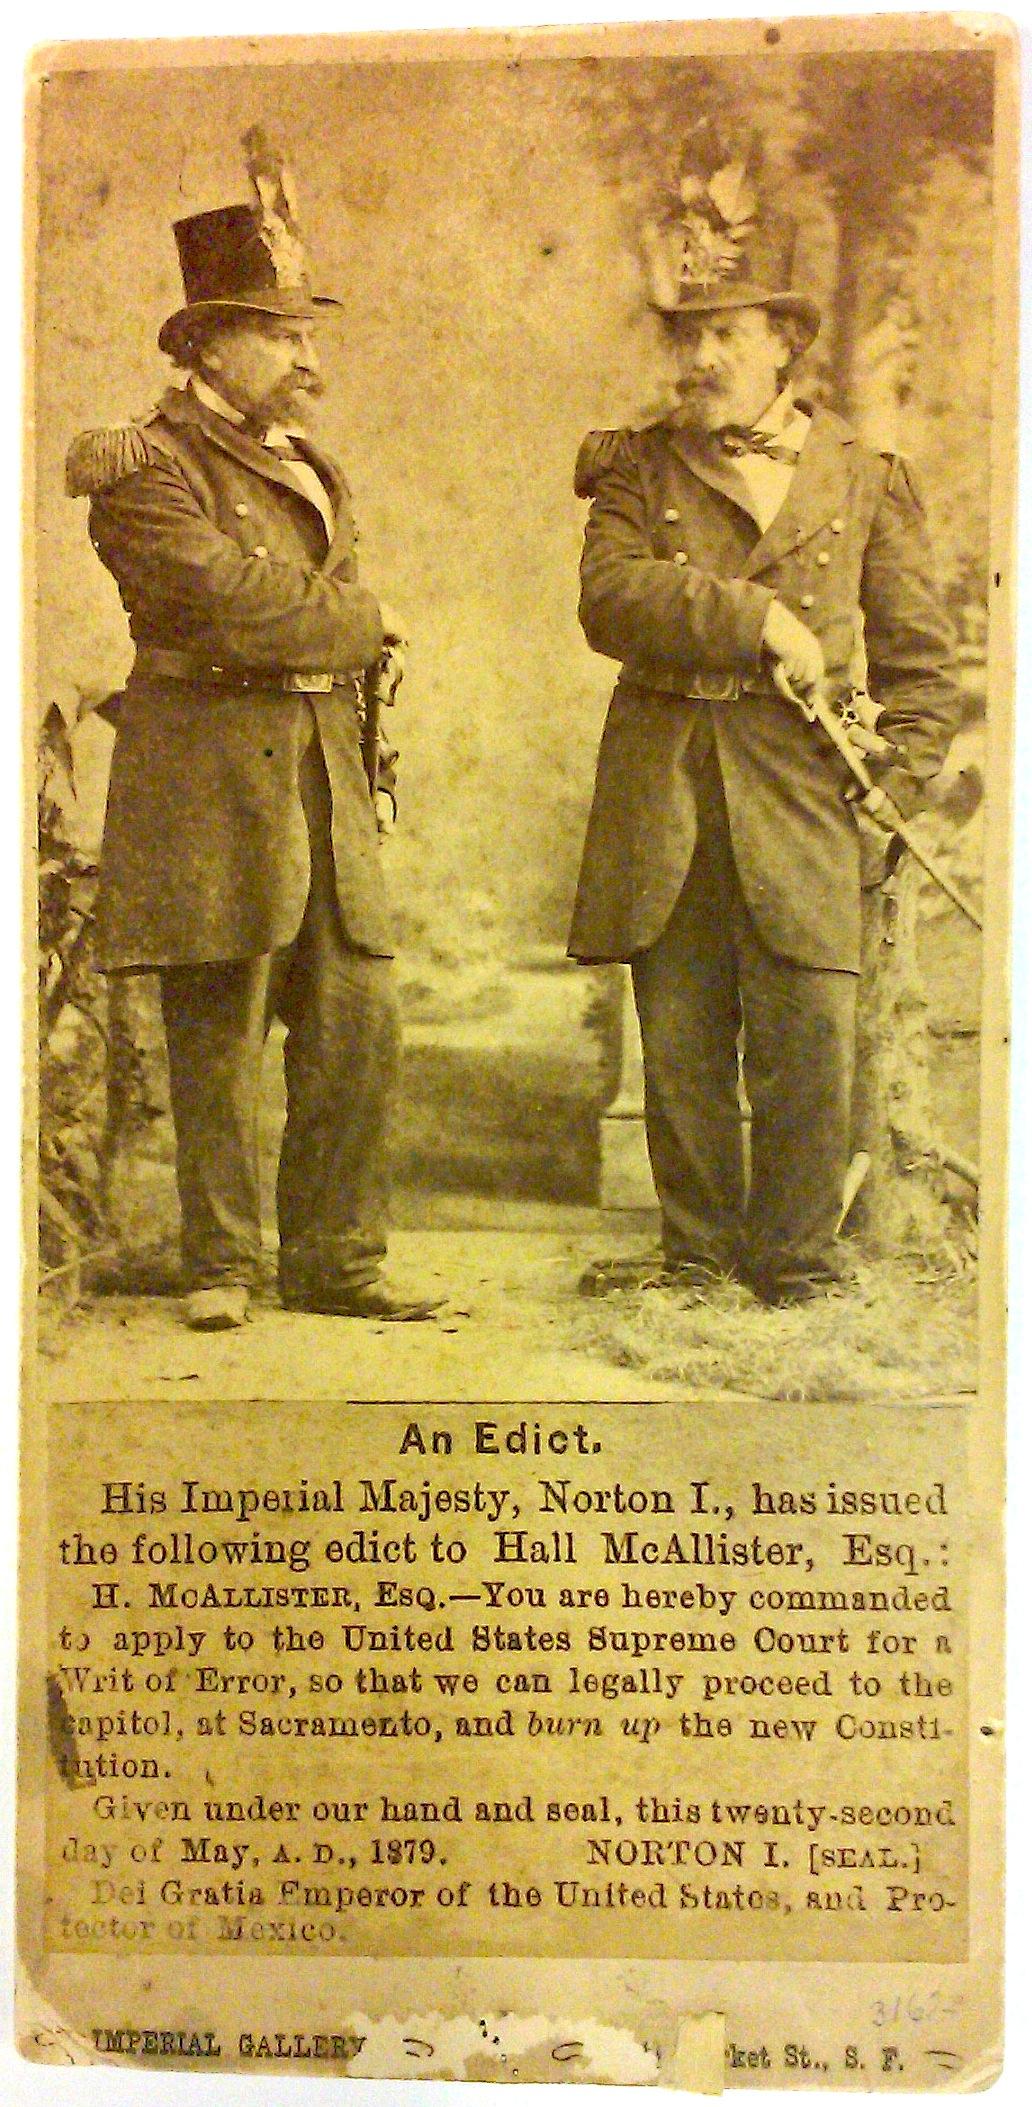 Emperor_Norton_cabinet_card_Imperial_Gallery_SF_Jun_1879_CHS_front.jpg